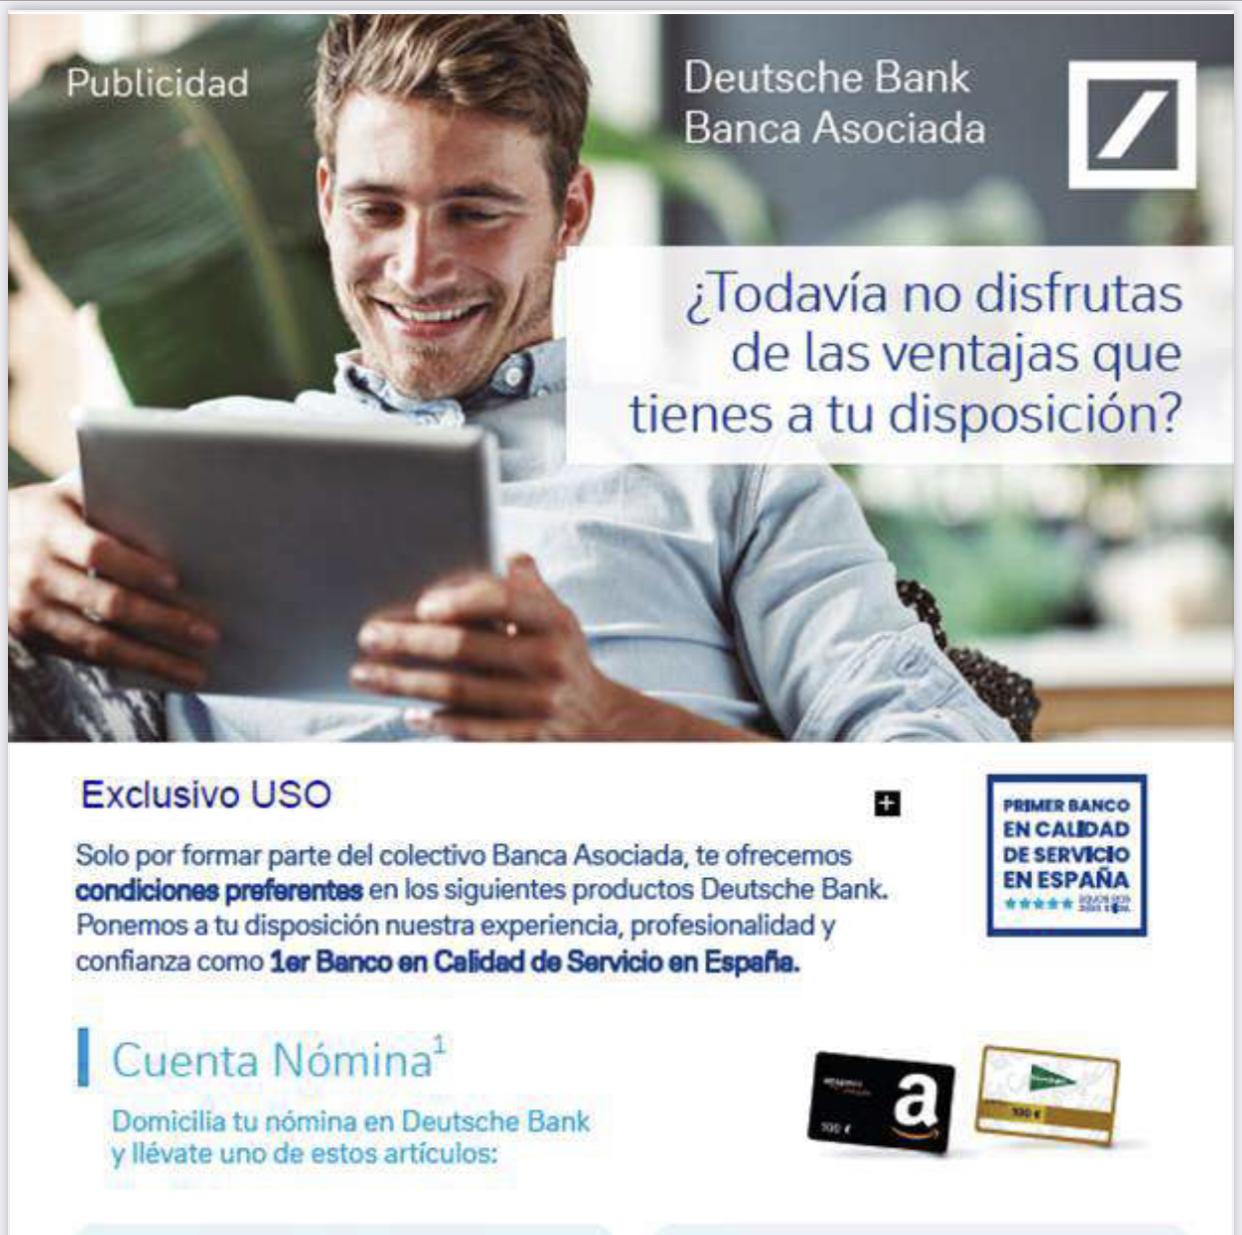 préstamo de Deustche bank para afiliados de USO